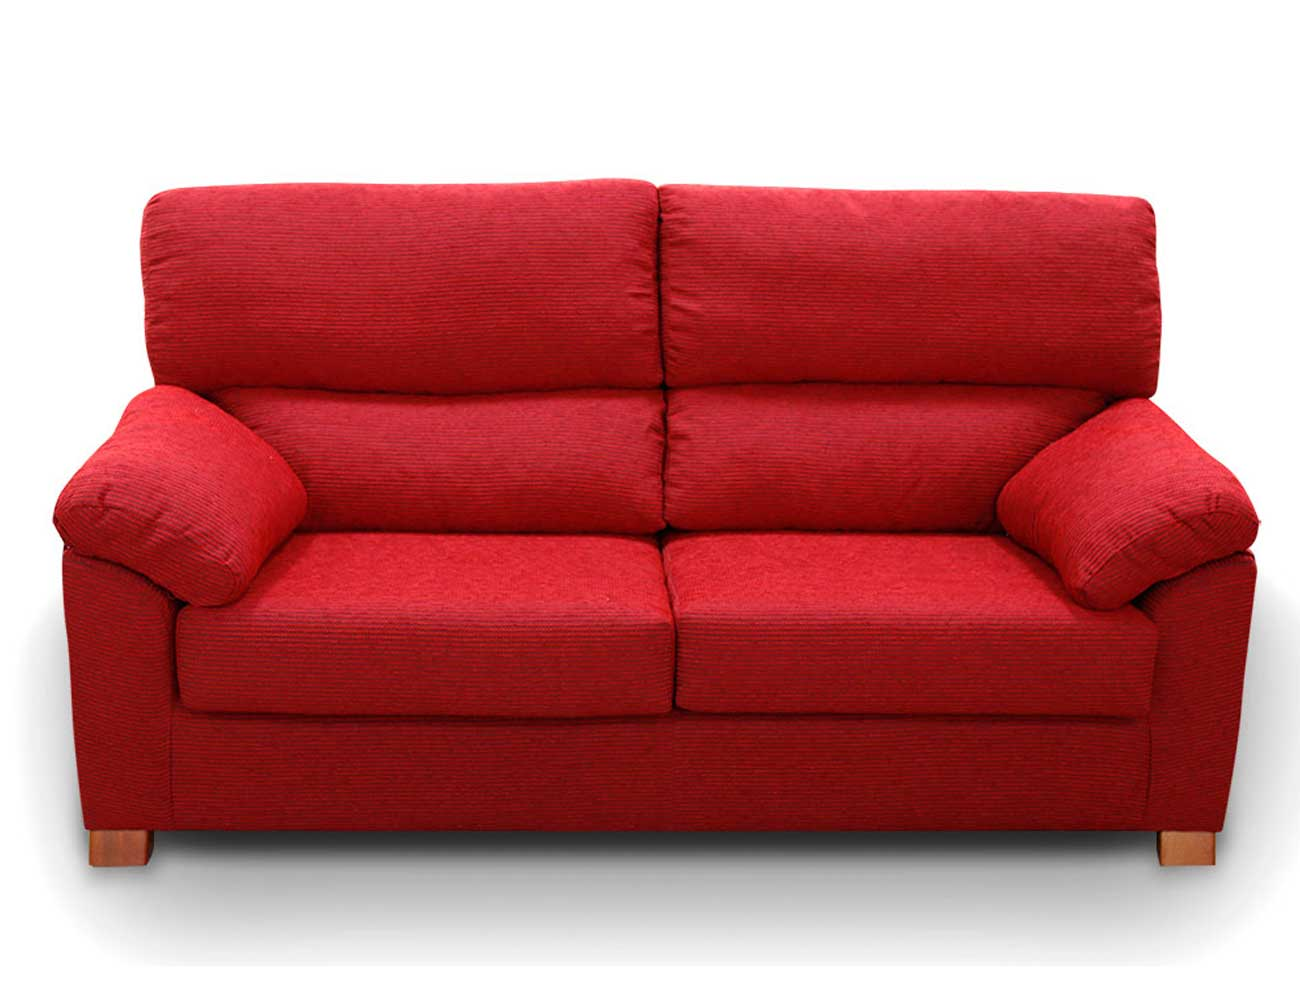 Sofa barato 3 plazas rojo20